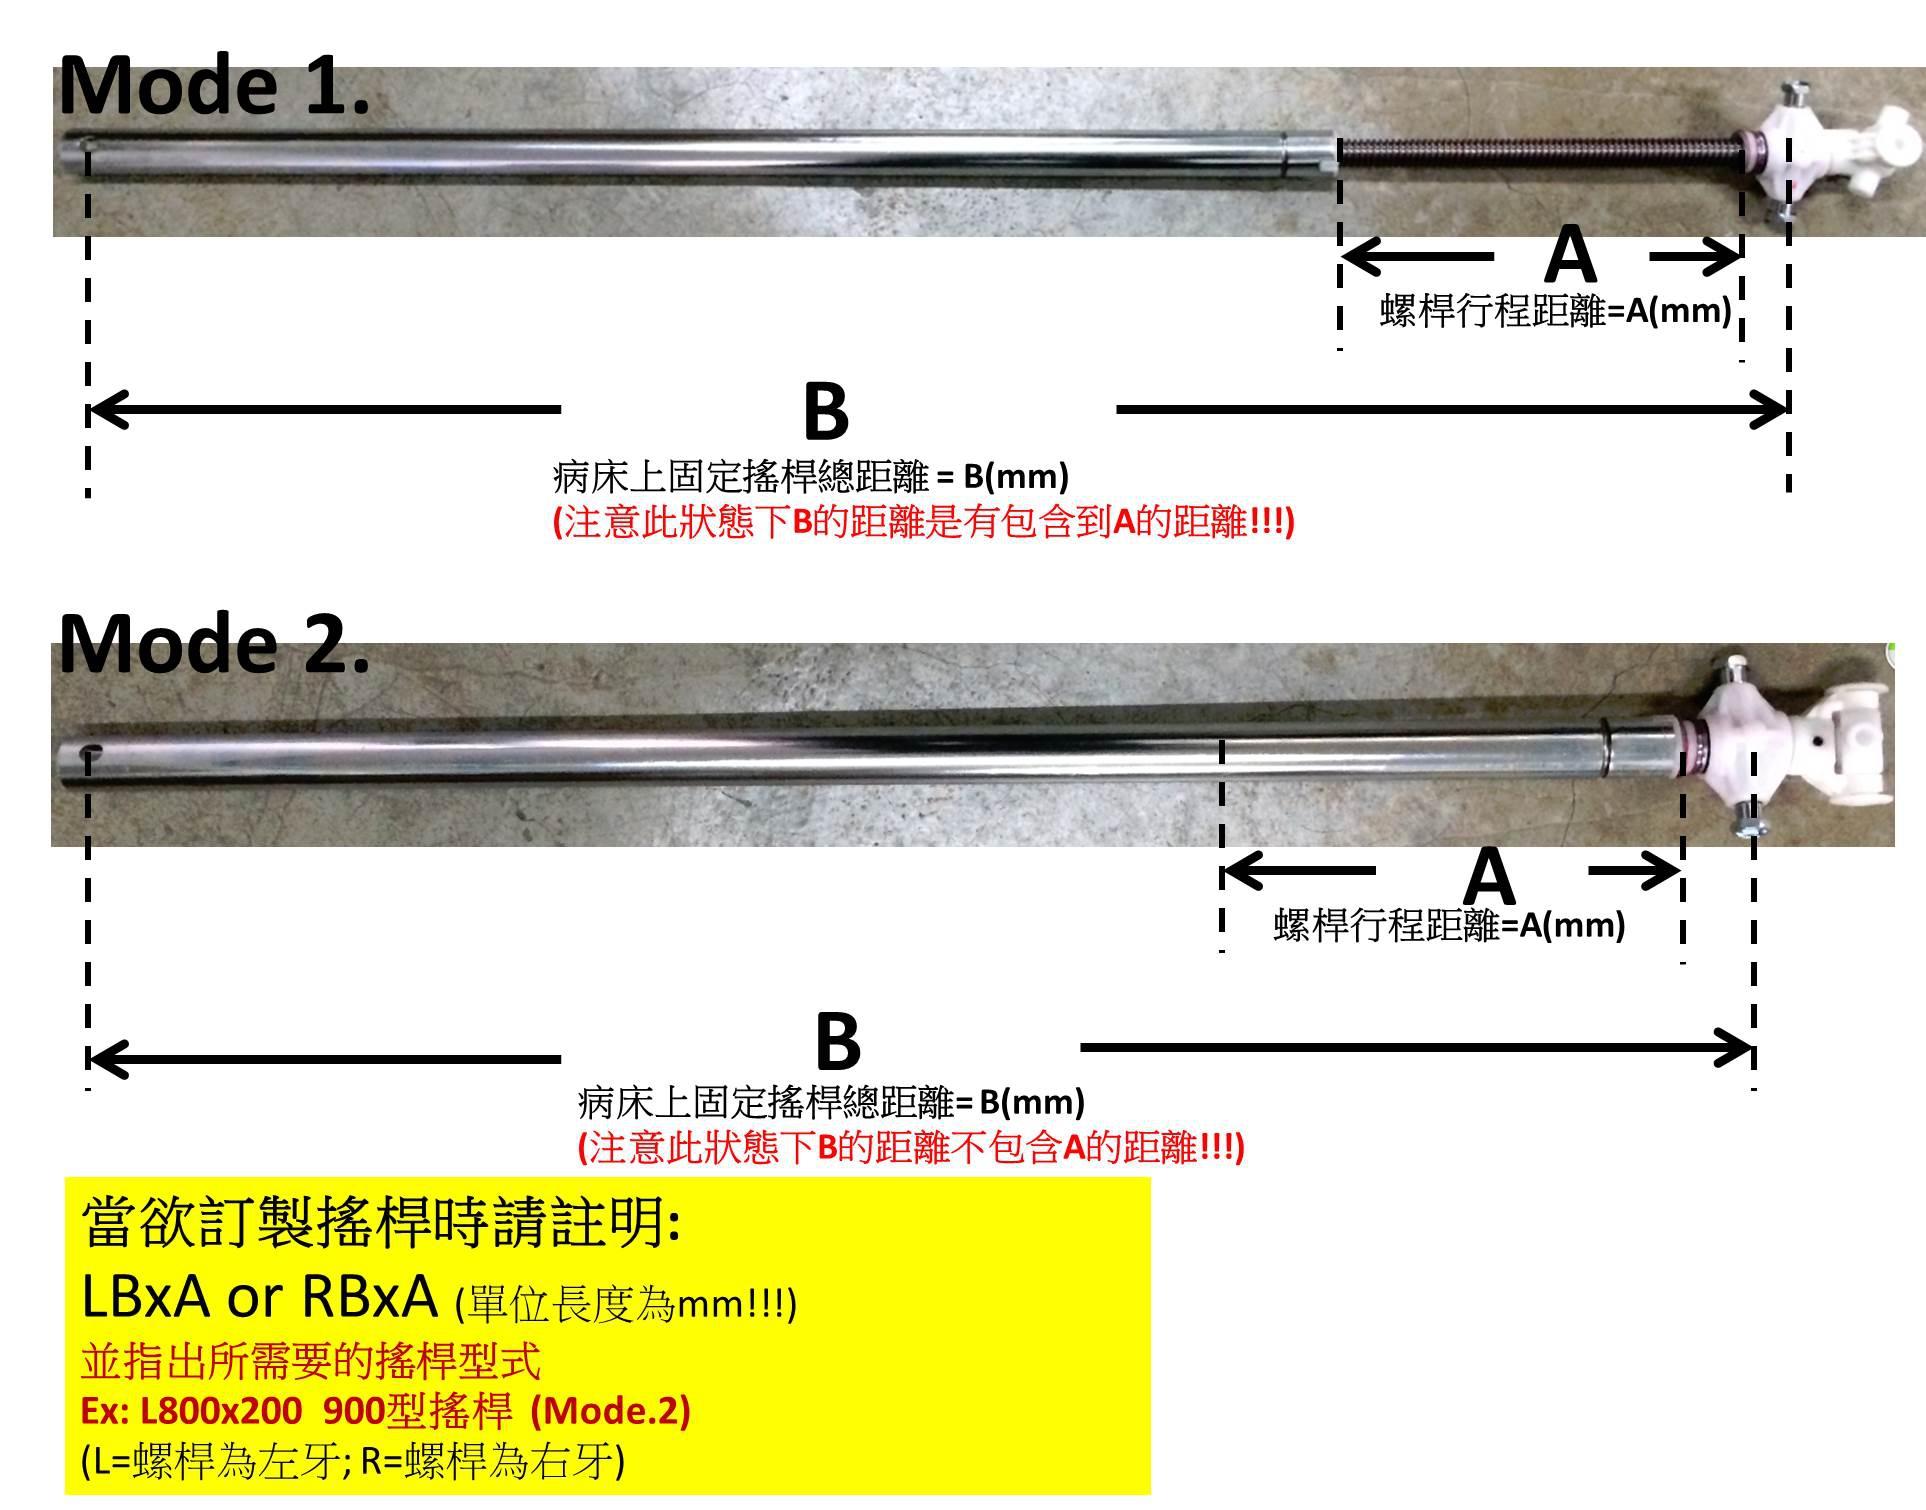 proimages/搖桿尺寸解說-中文.jpg